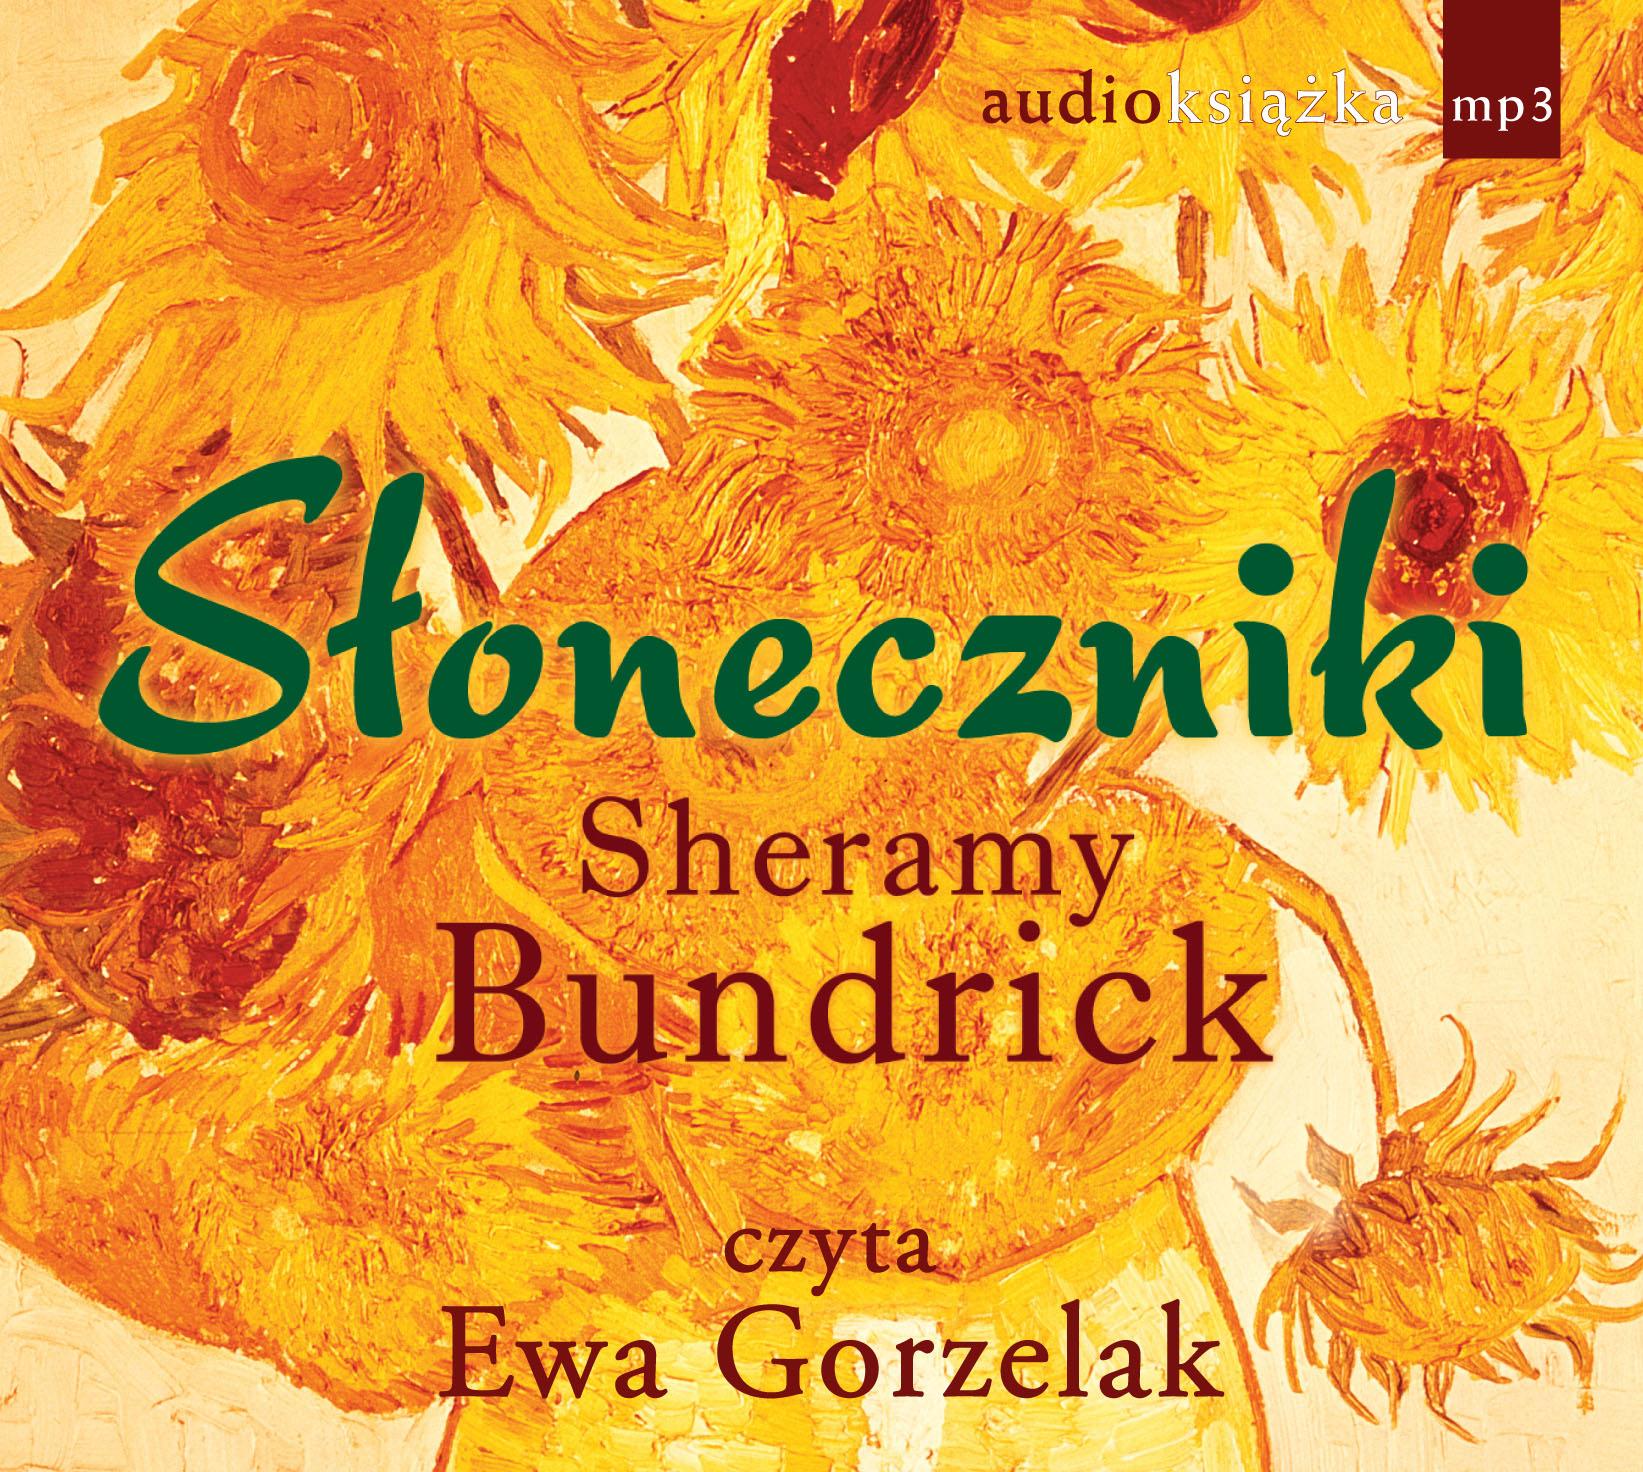 Słoneczniki - audiobook – Sheramy Bundrick, Świat Książki, audiobook, książki audio, mp3, obyczajowe, epartnerzy.com